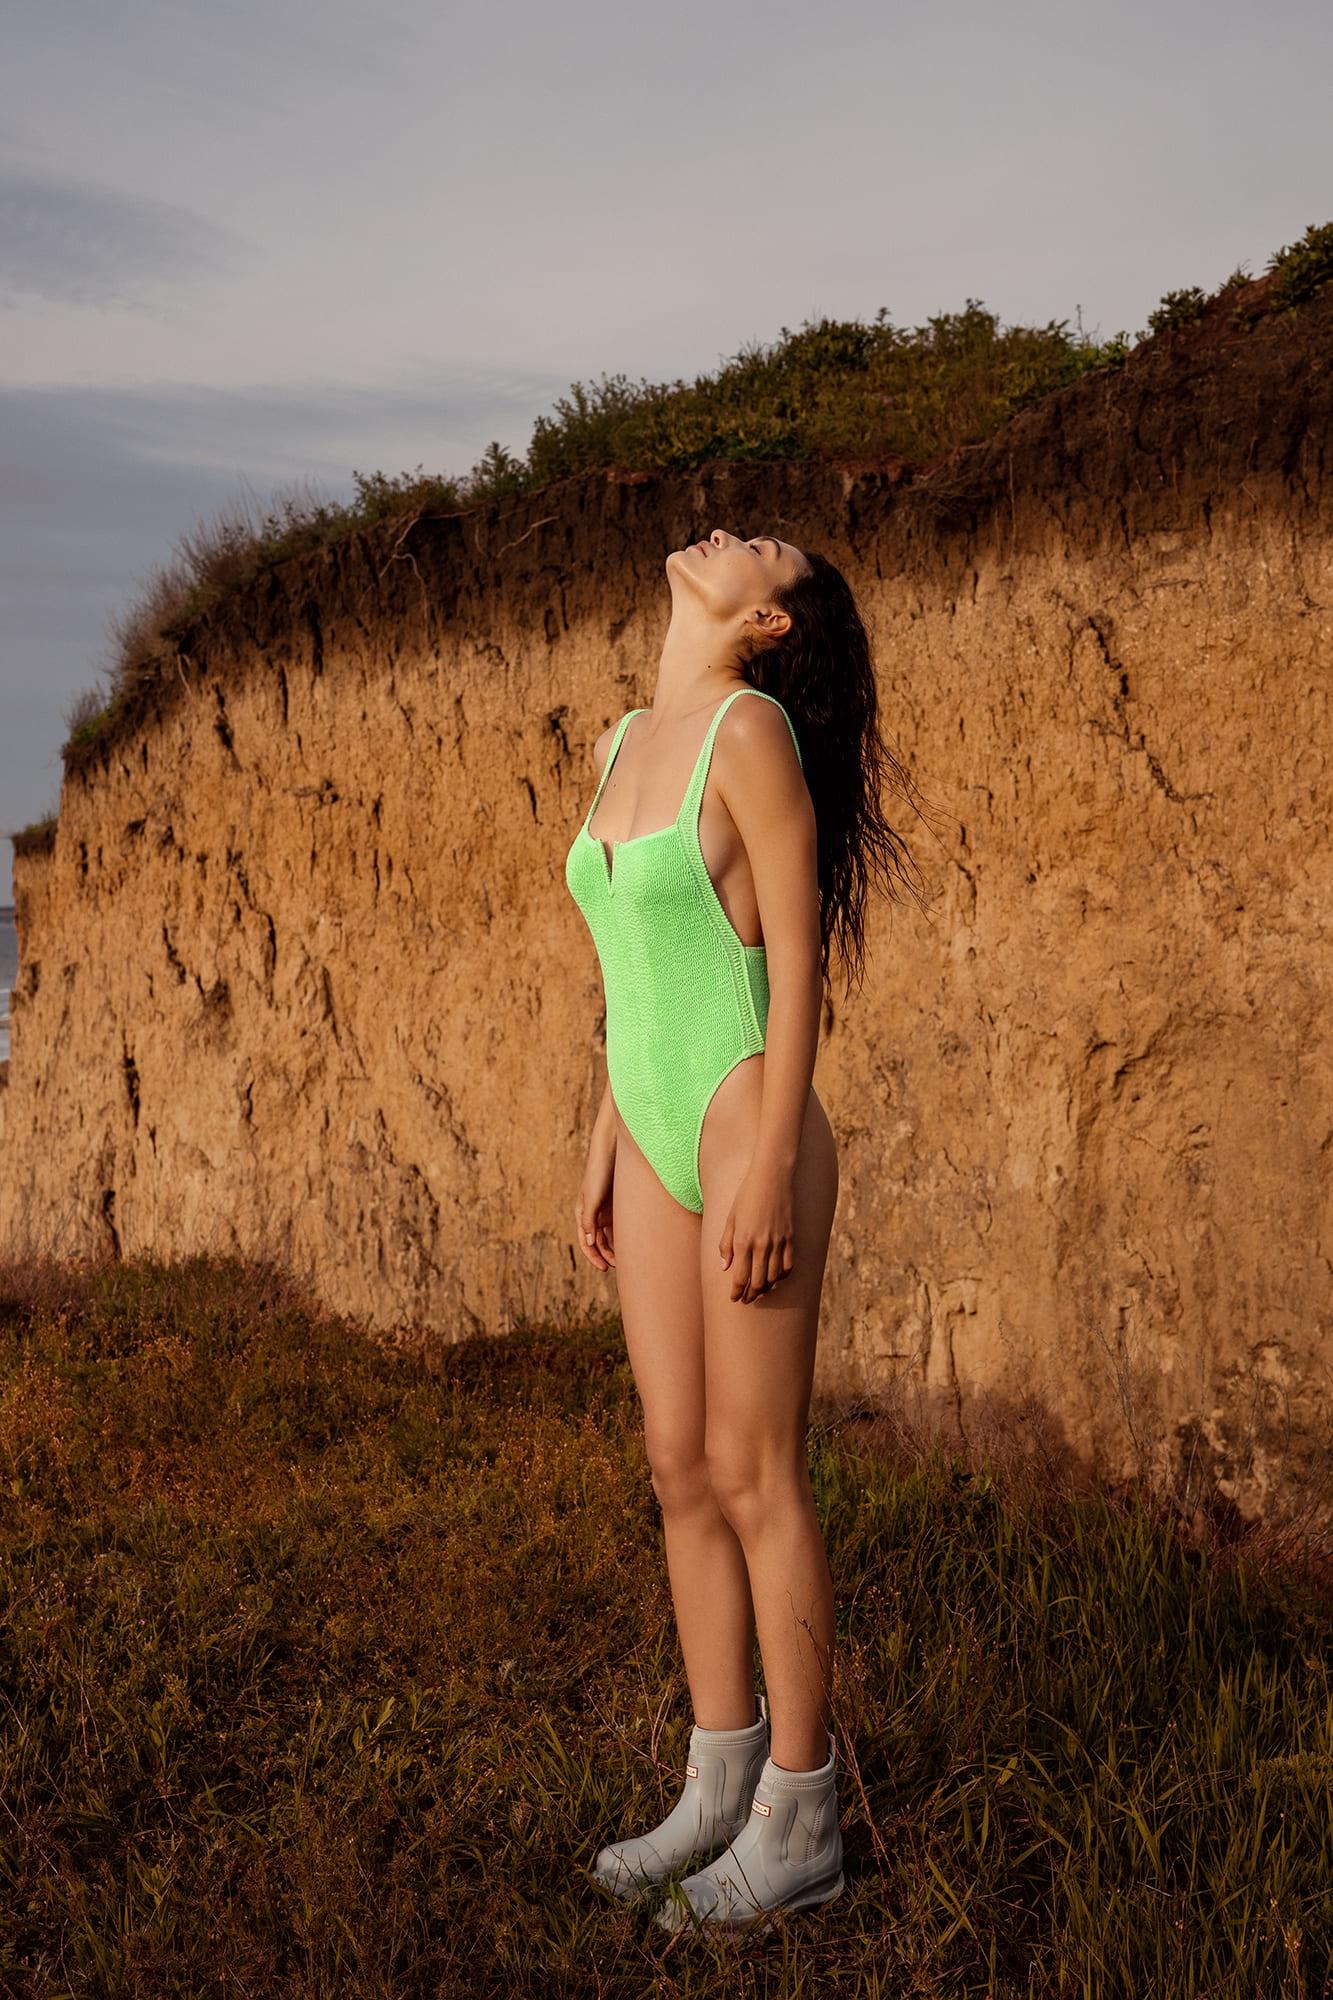 Яркие, стильные и удобные: Fox lingerie представили новую коллекцию купальников (ФОТО) - фото №1